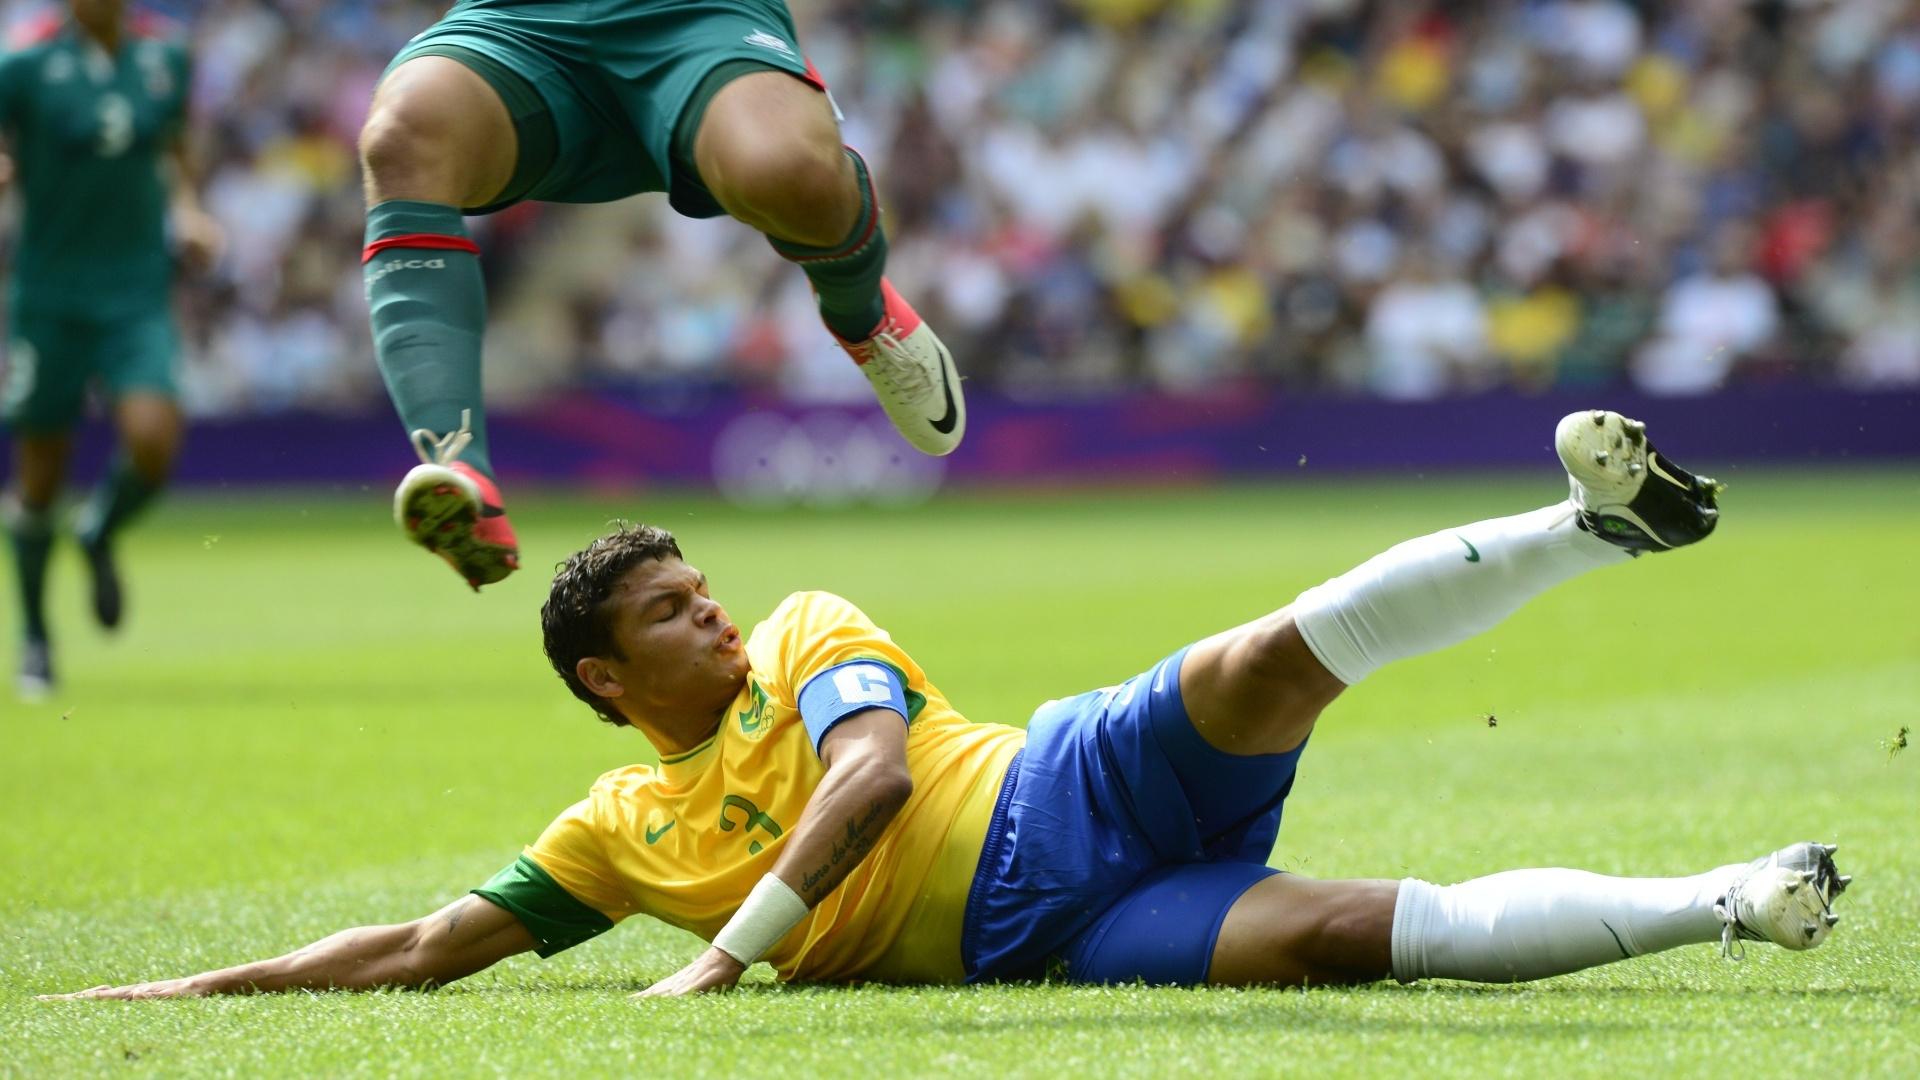 Zagueiro Thiago Silva chega duro em cima de atacante mexicano